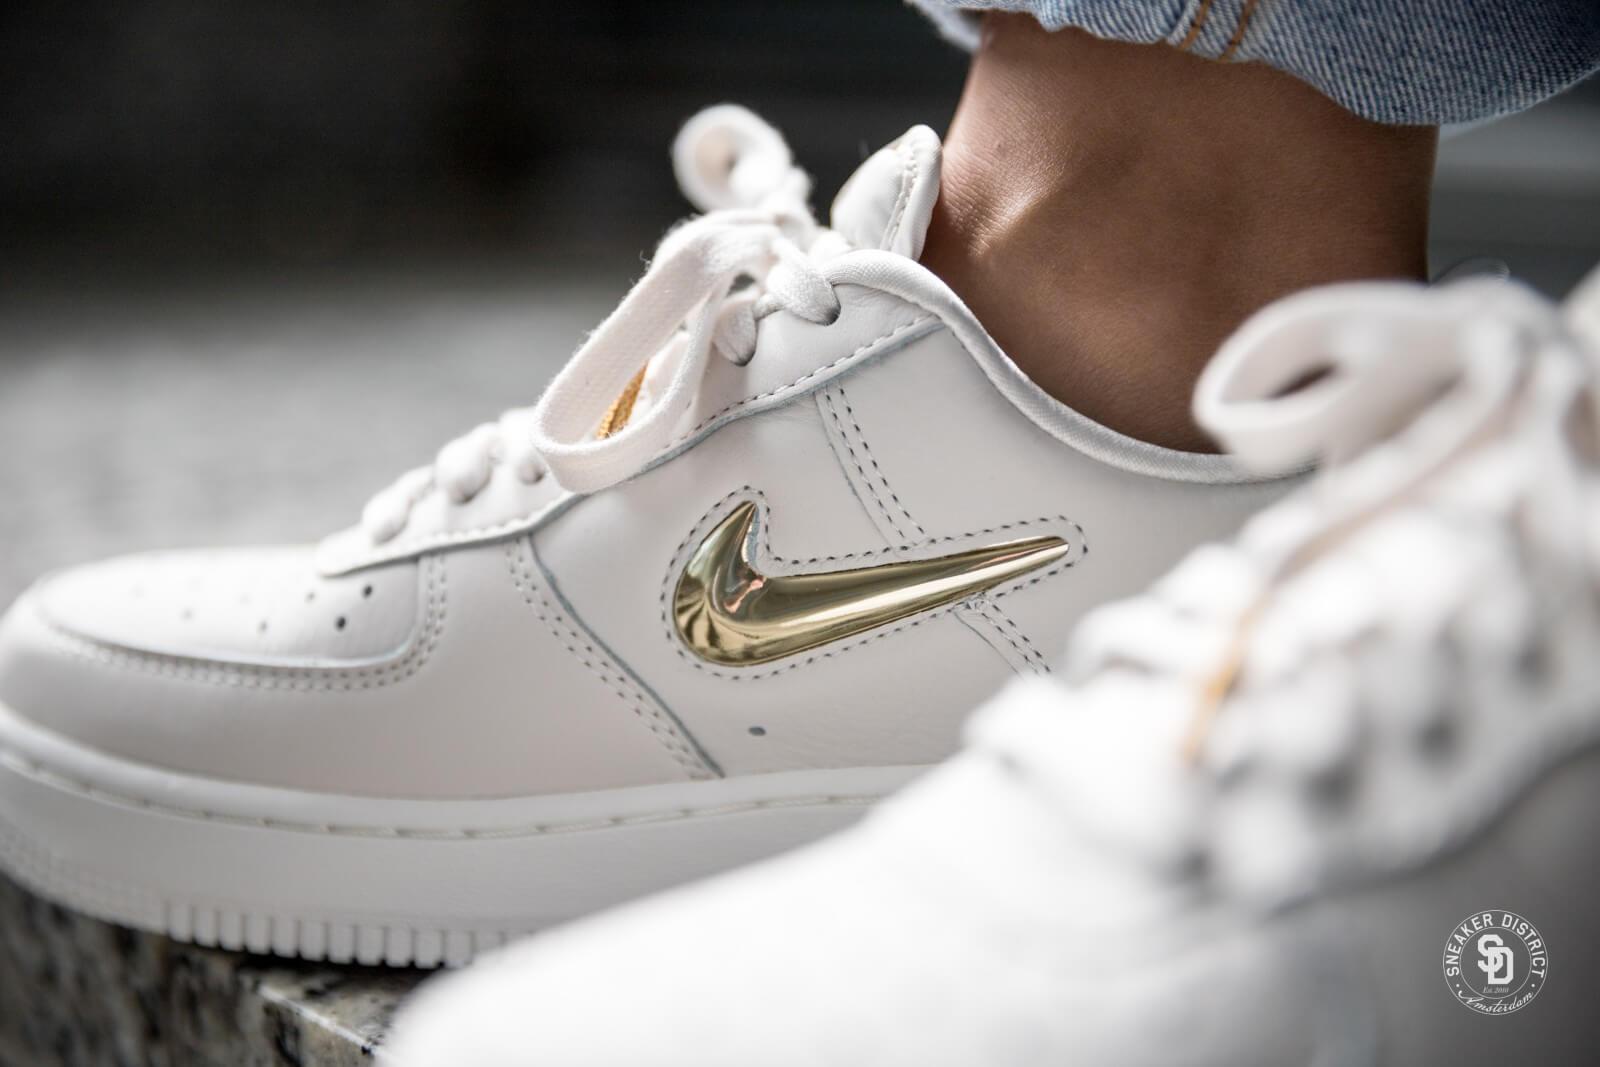 Nike Air Force 1 premium LX women Gris blanc or AO3814 001